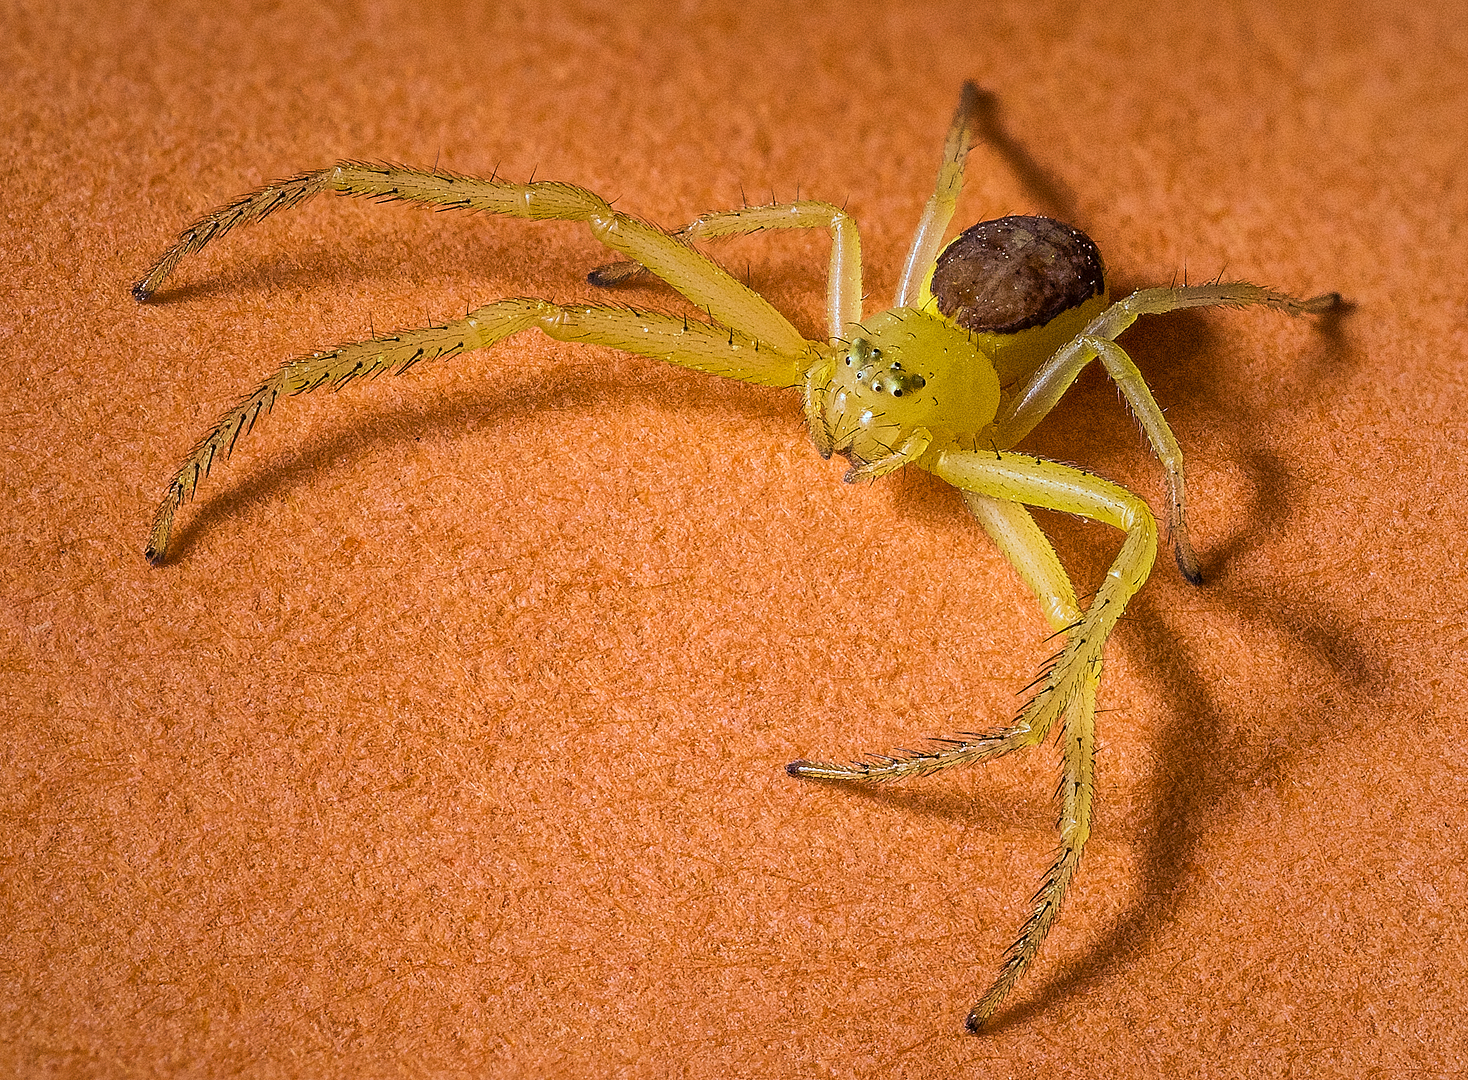 Fotografía de arañas